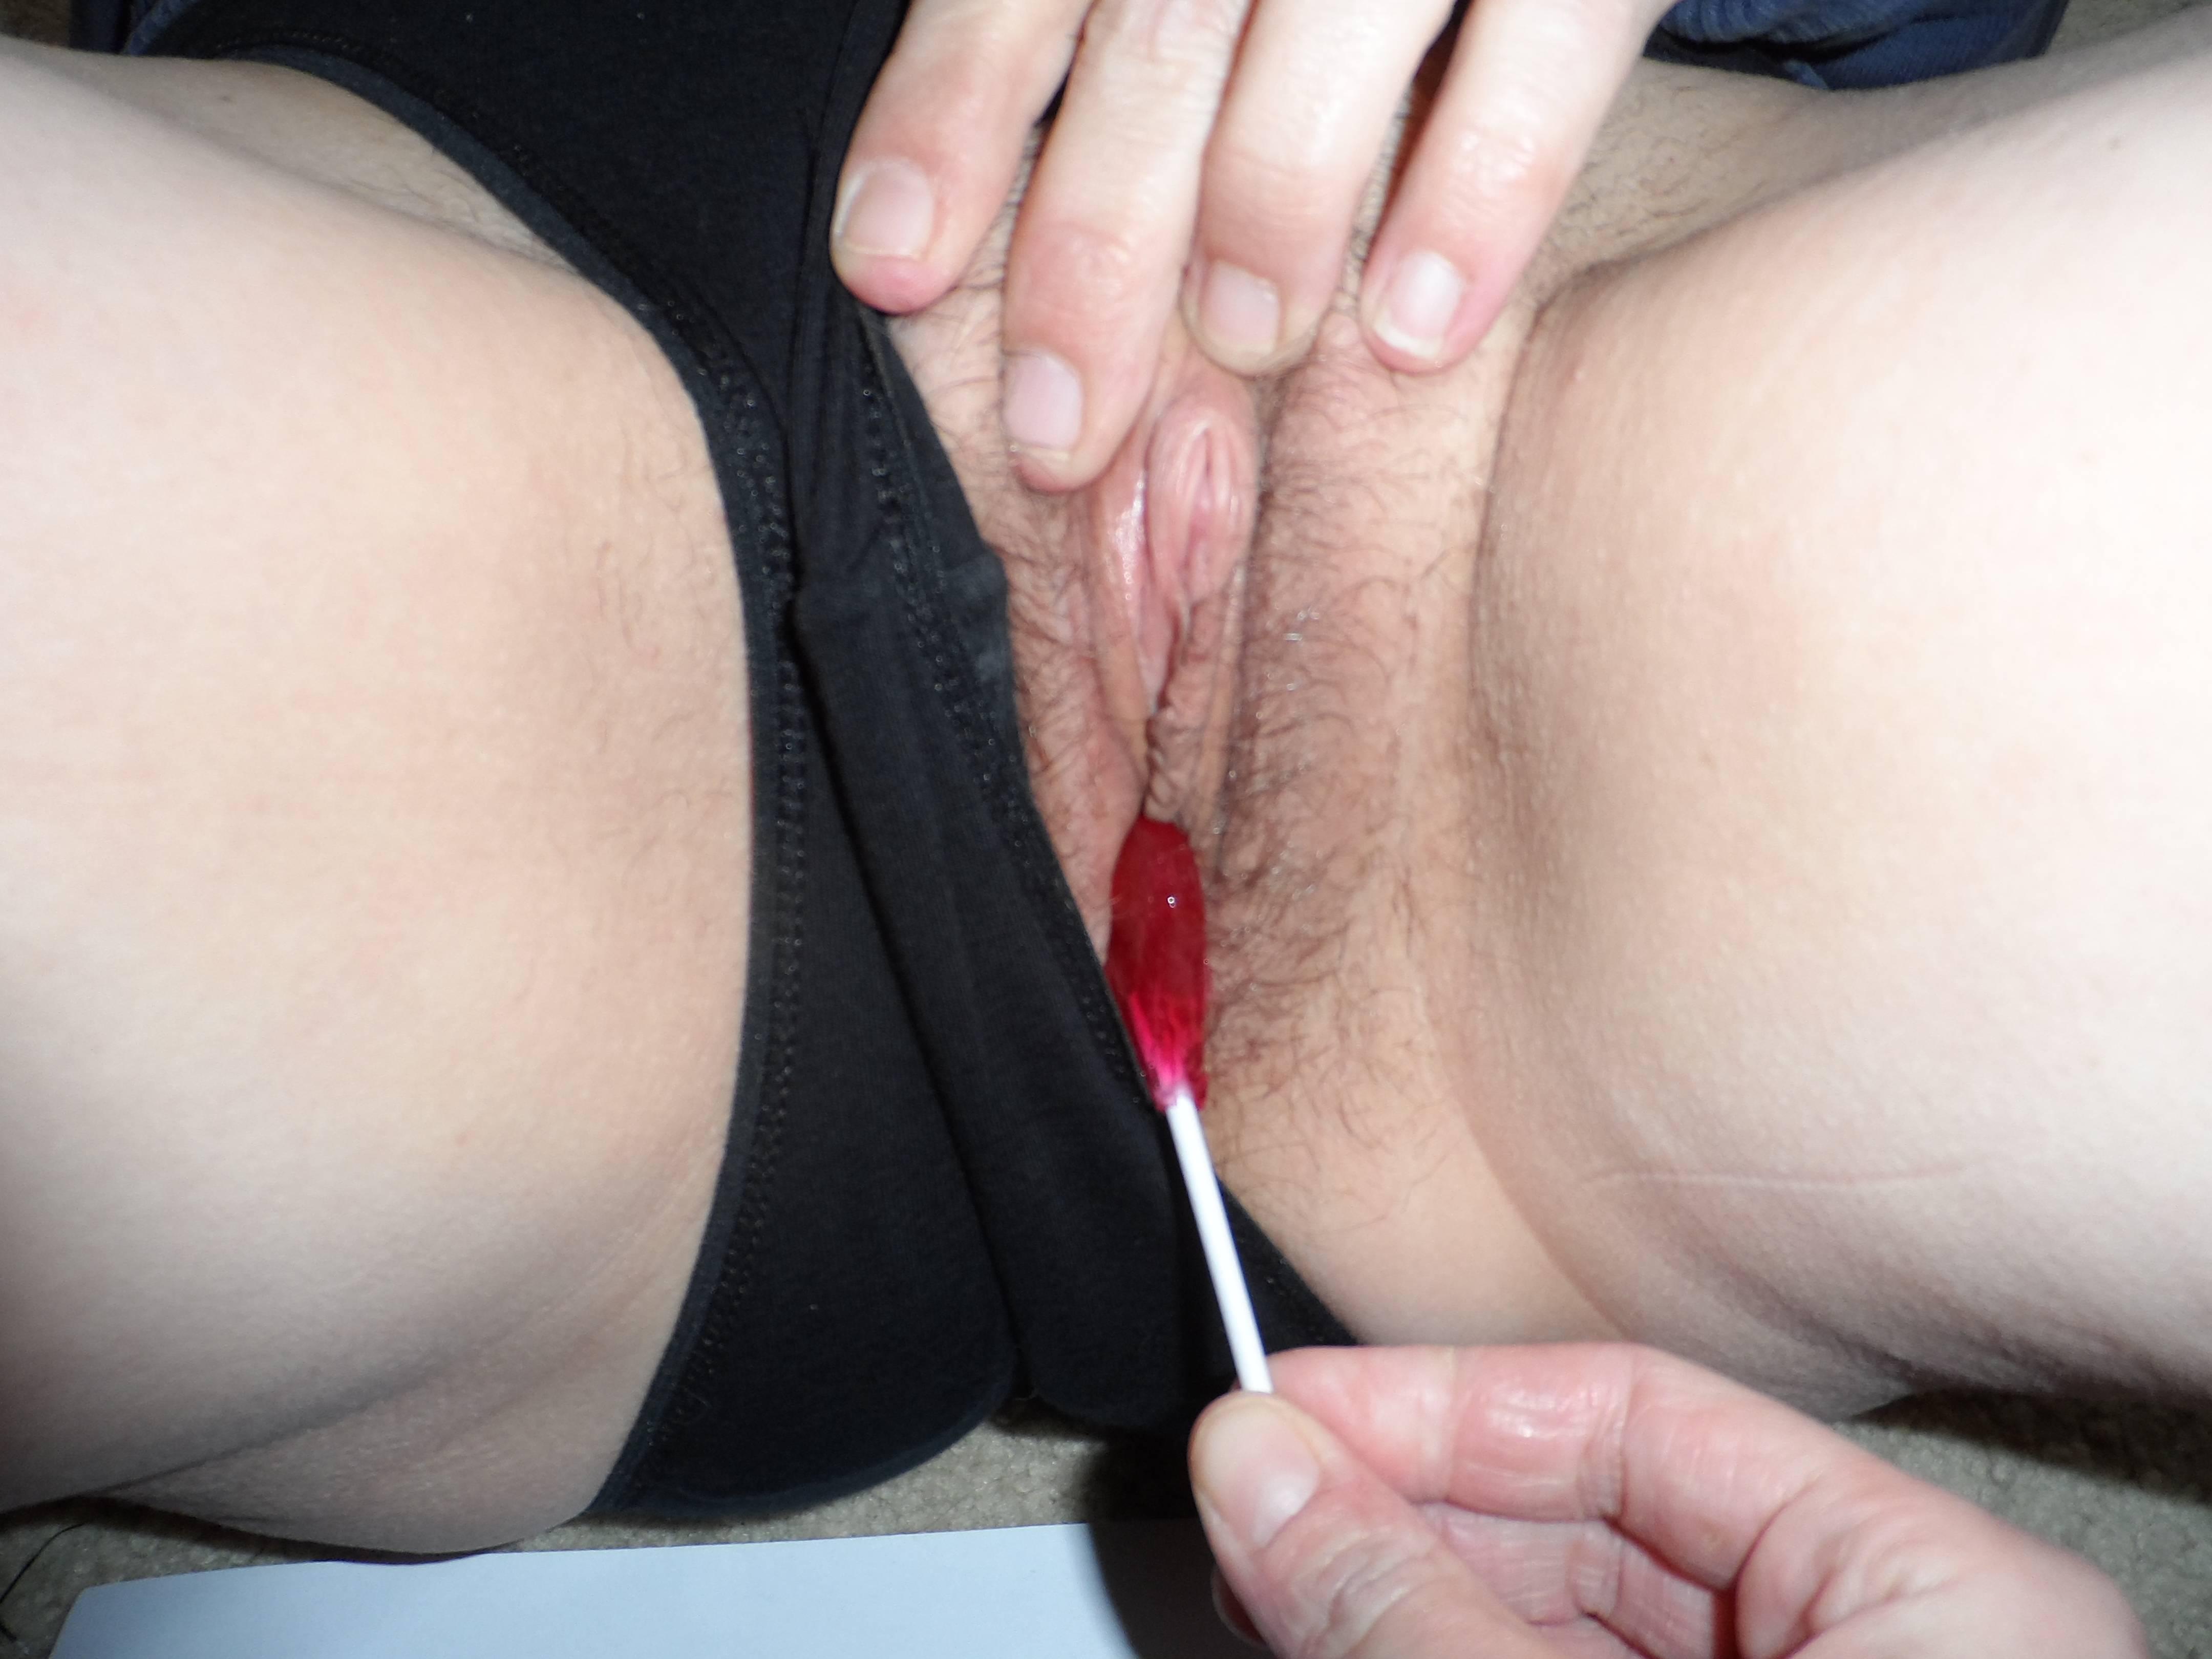 Gf cum in panties Dried Cum In Panties Tumblr